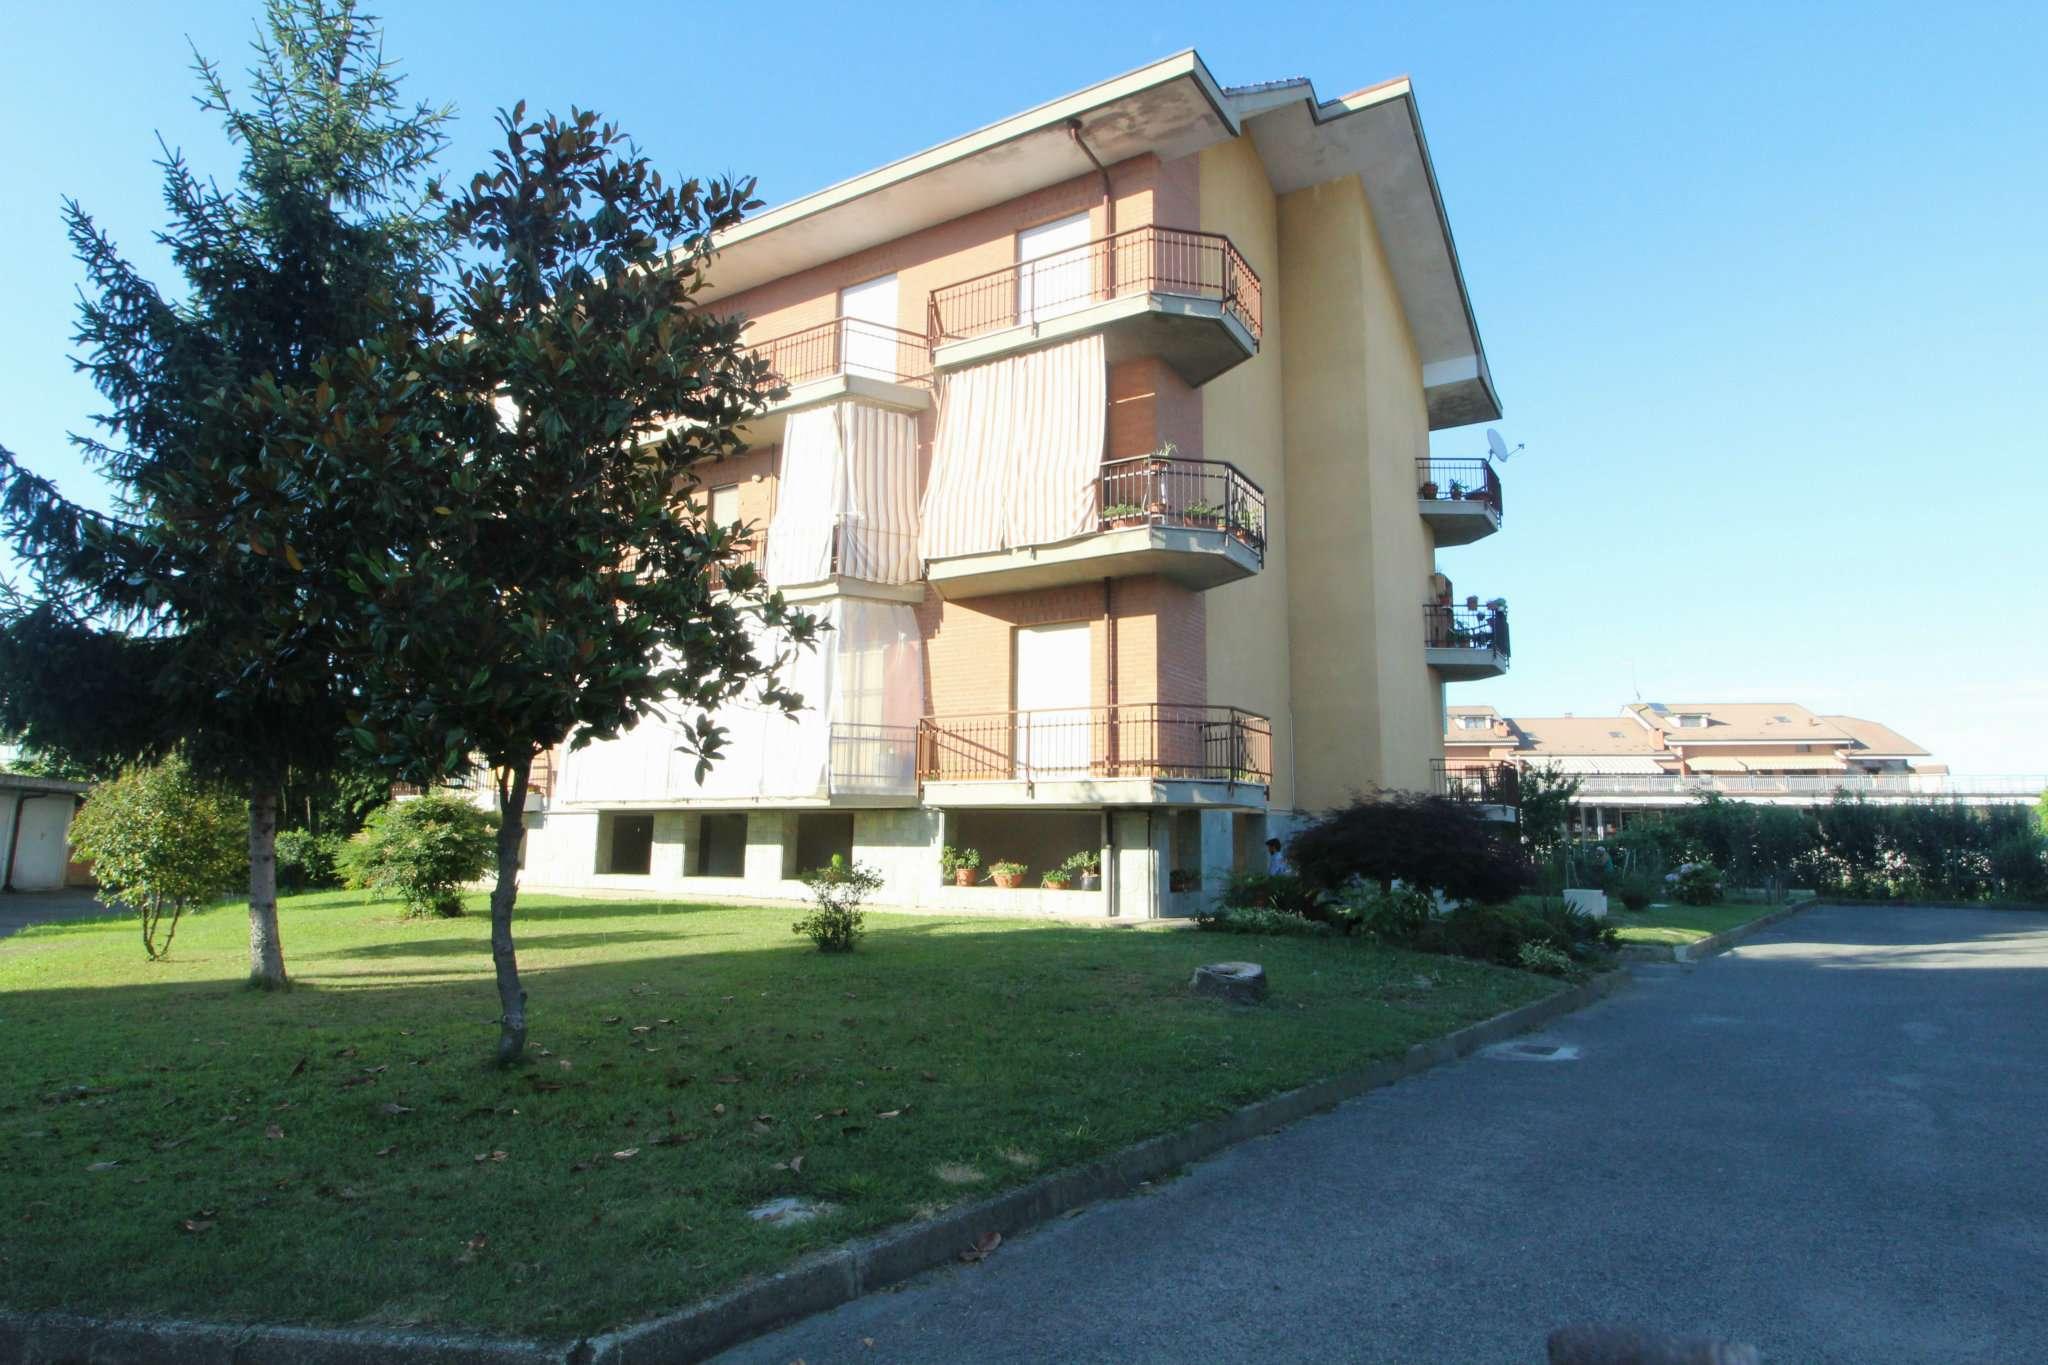 Appartamento in vendita a Piobesi Torinese, 3 locali, prezzo € 95.000 | CambioCasa.it